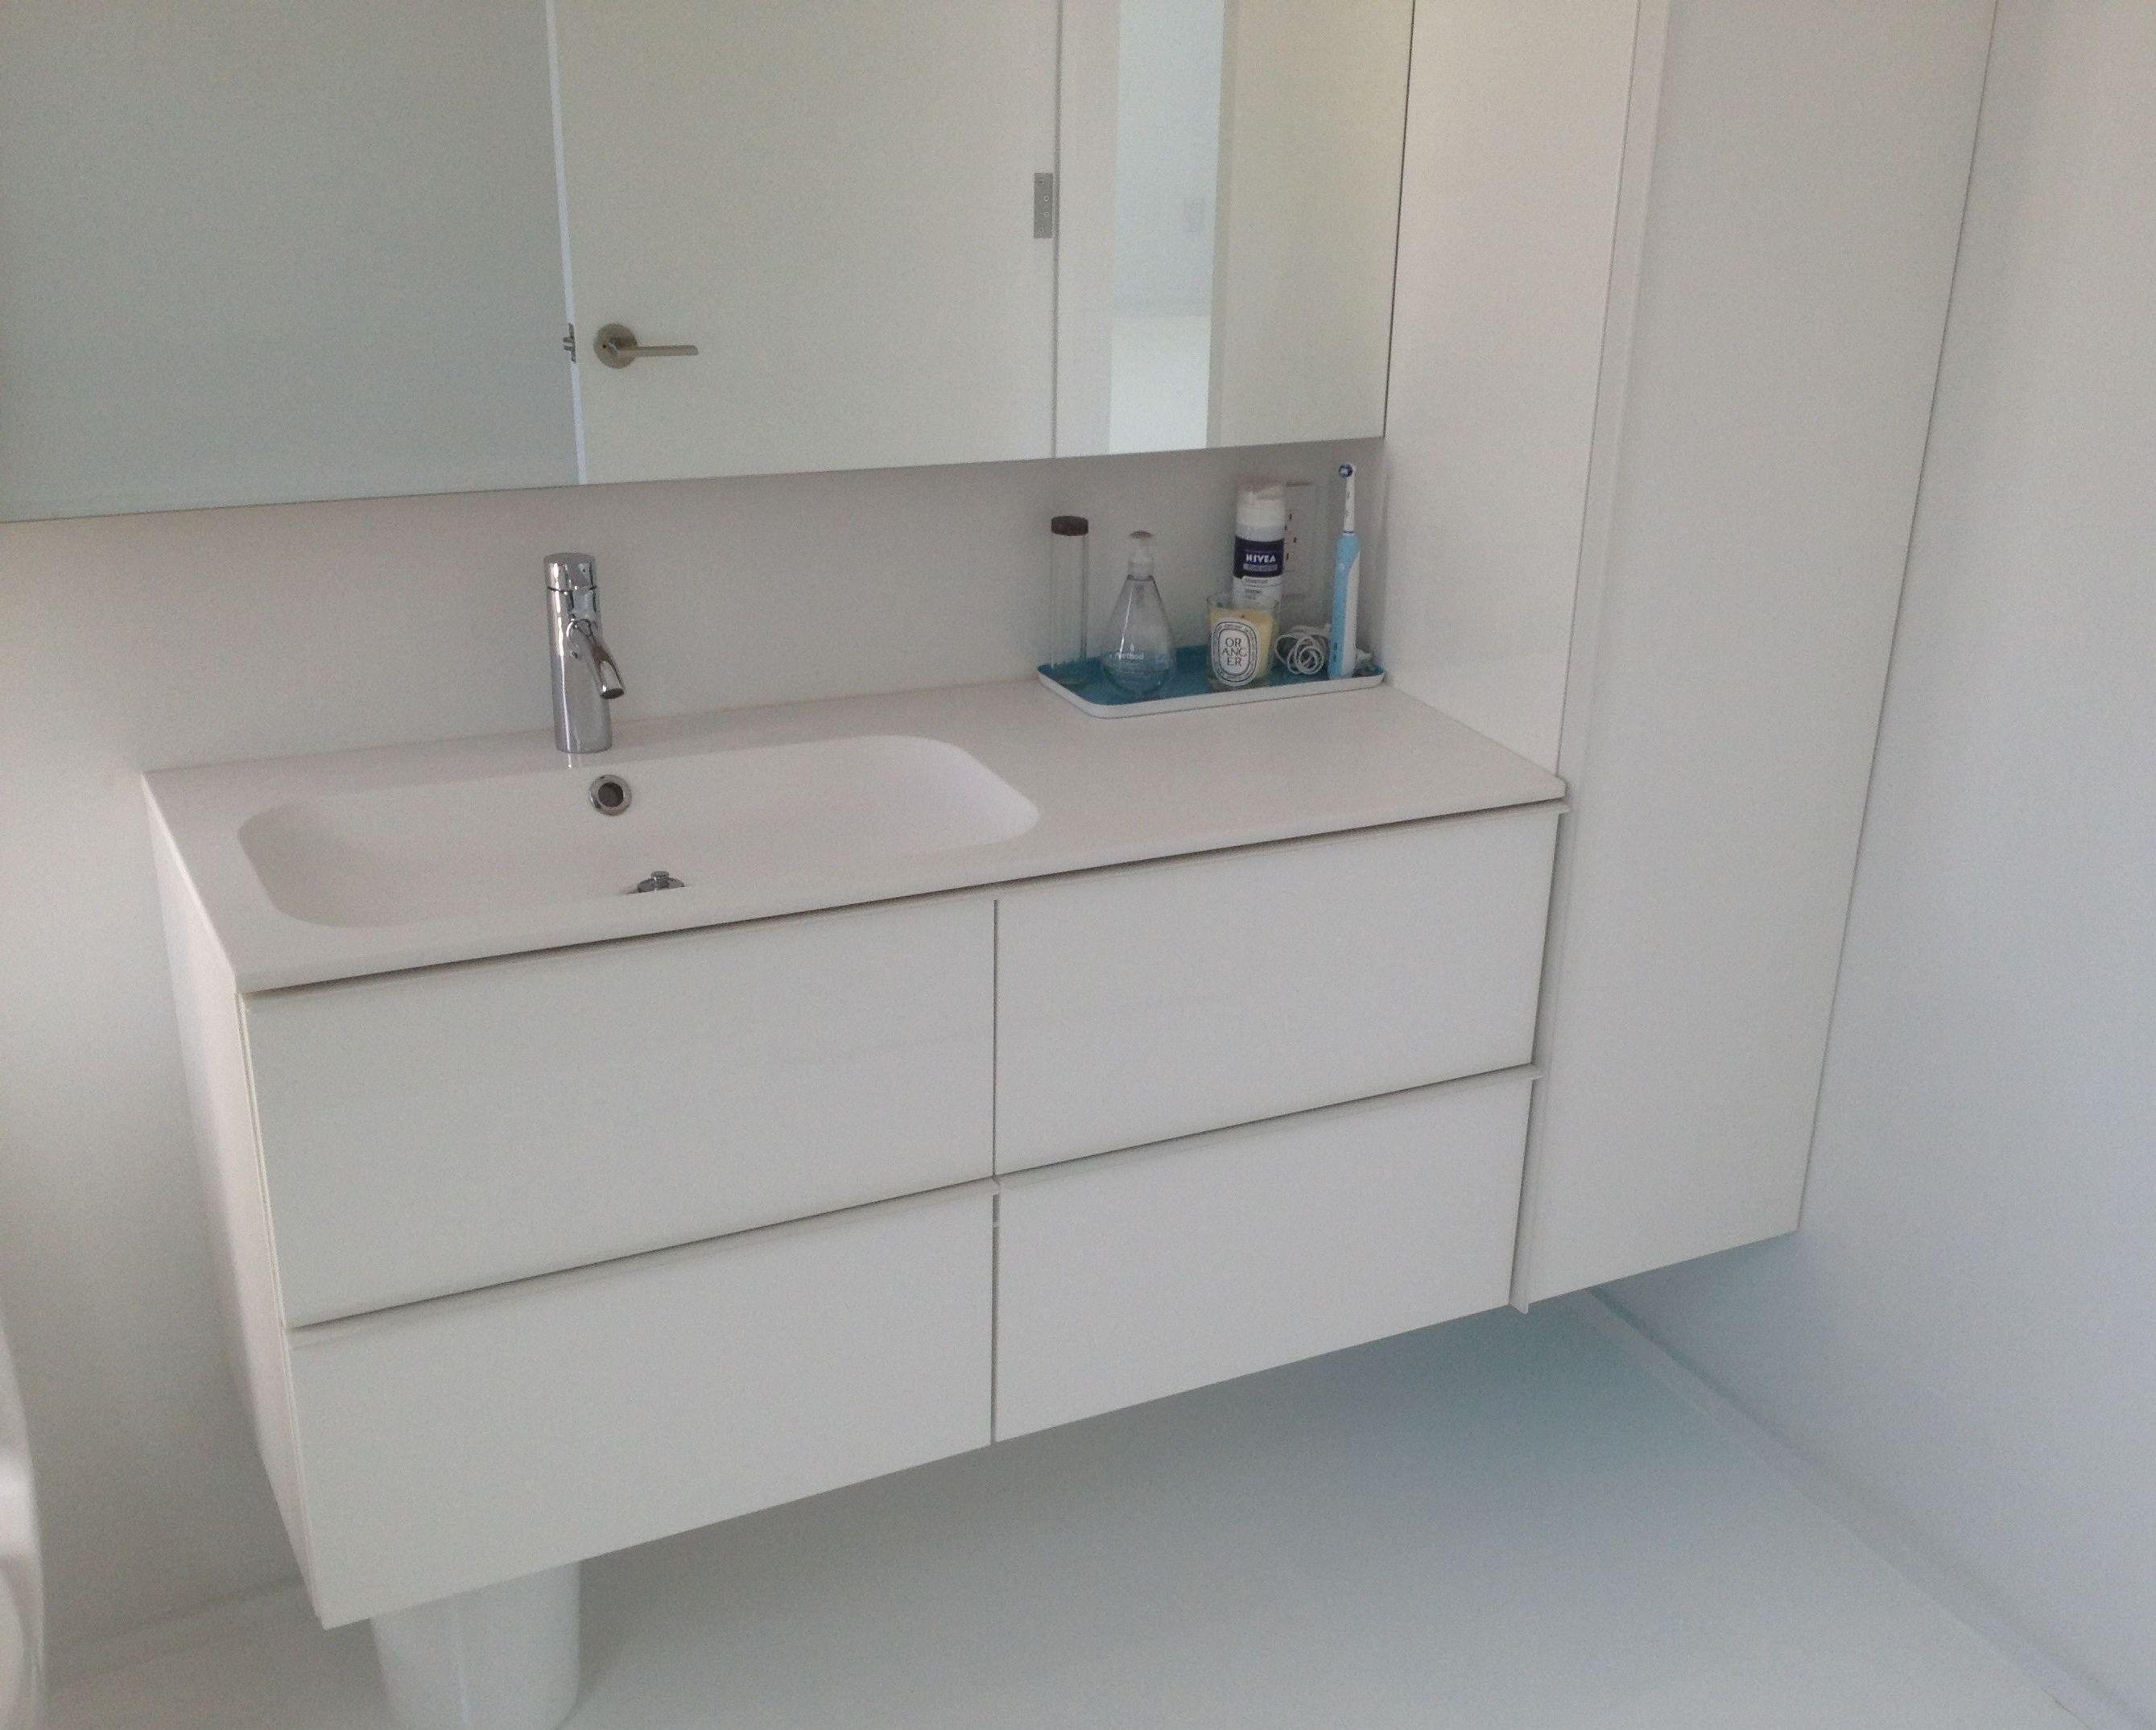 IKEA Badezimmer Waschbecken Schrank mit Bildern   Ikea ...